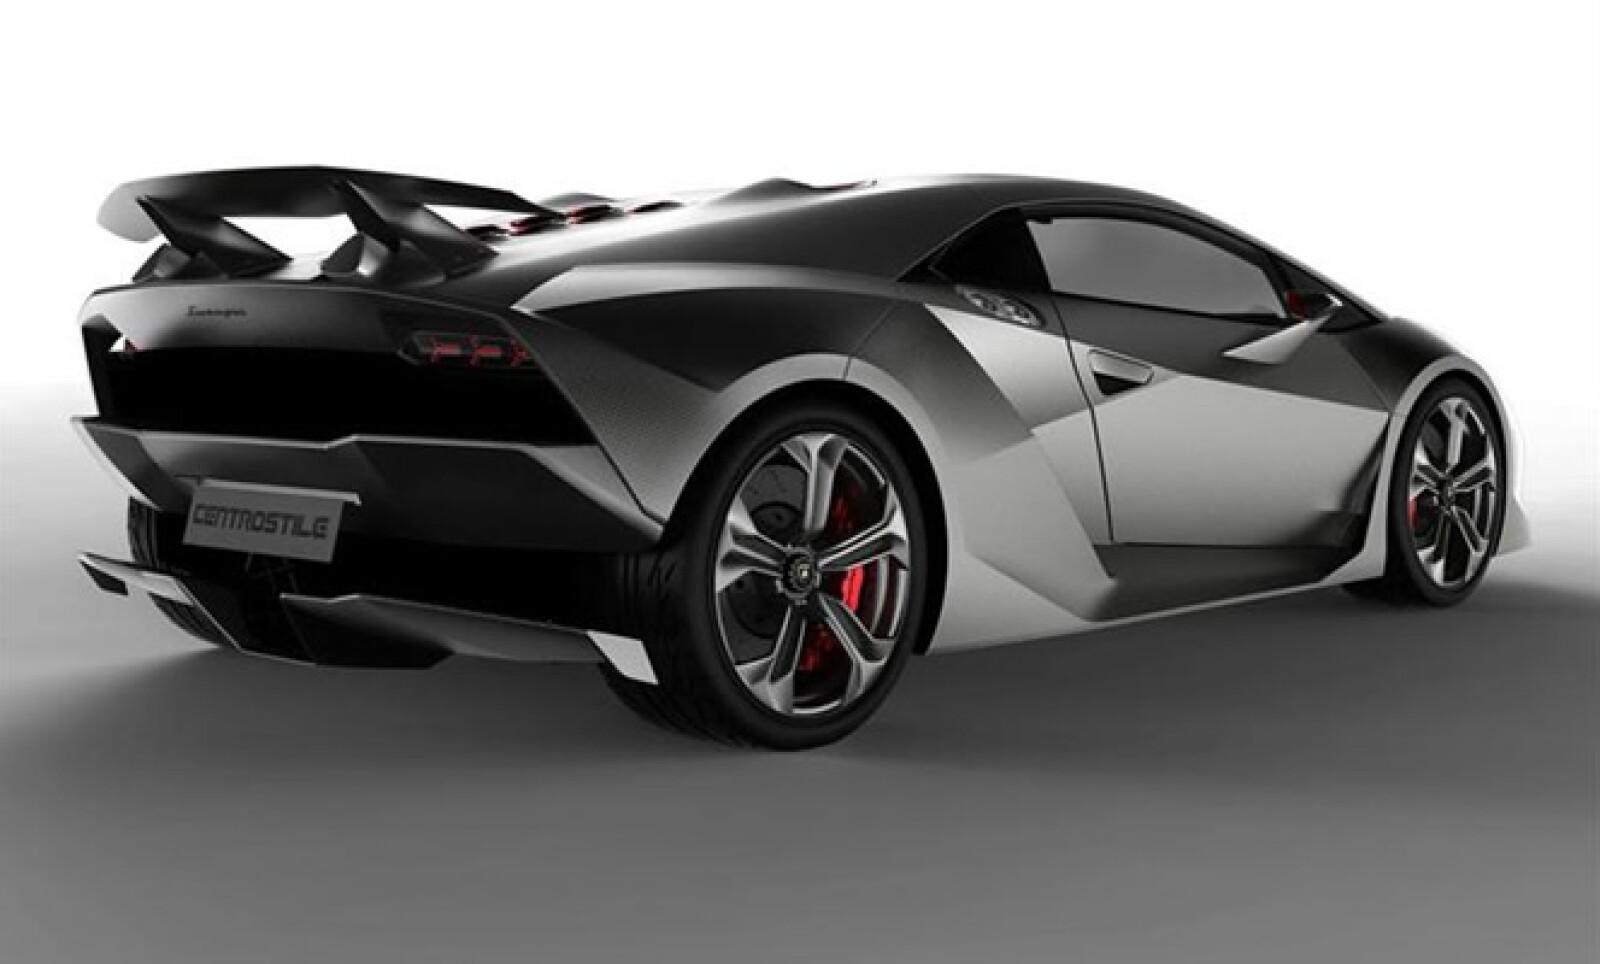 El uso de carbono en el vehículo es masivo. Dentro del chasis monocasco, rines, elementos de la suspensión y en los paneles exteriores se emplea plástico reforzado con el mismo material.